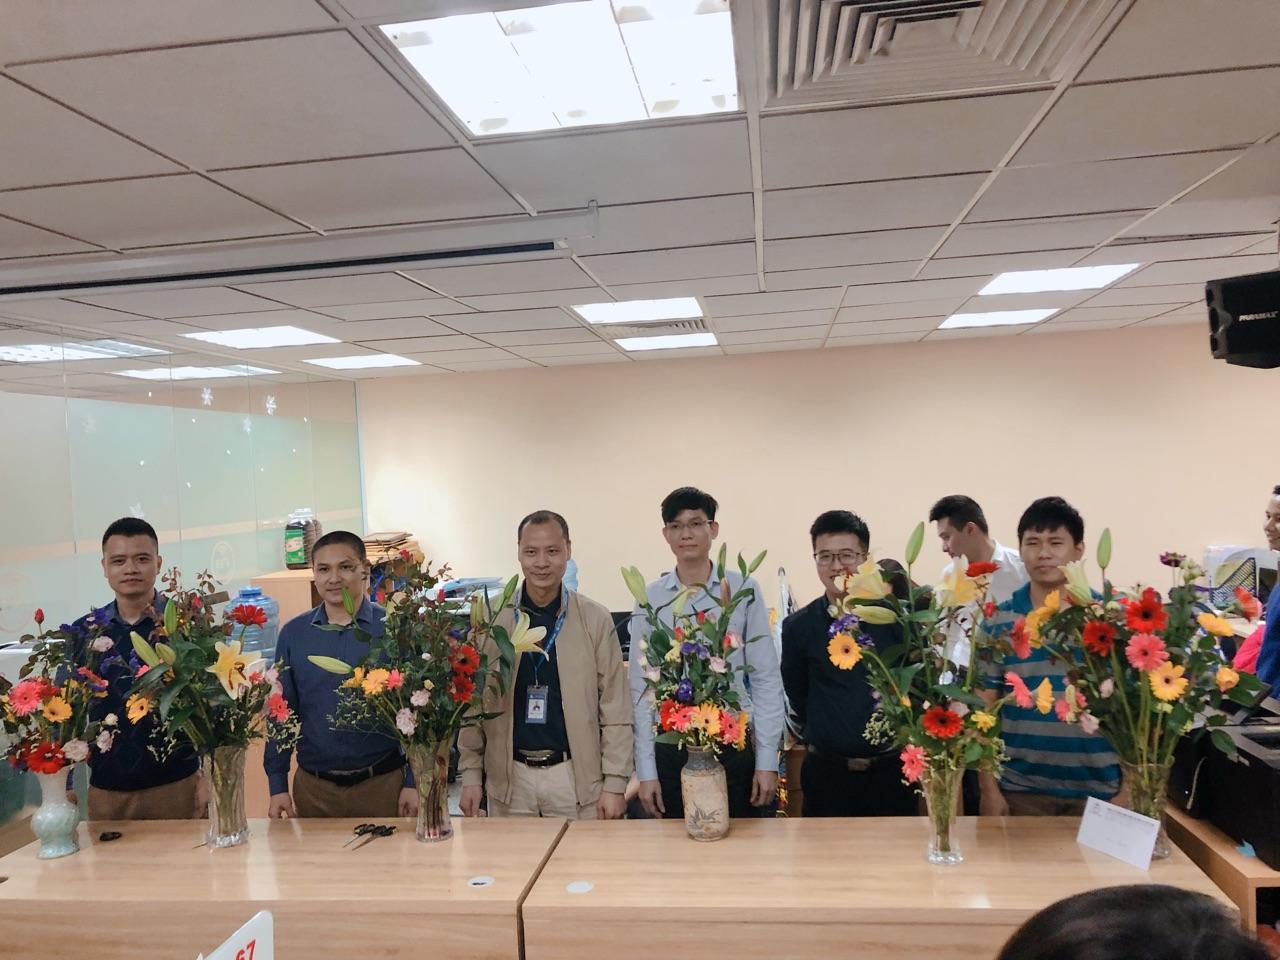 EFY Việt Nam tổ chức hoạt động chào mừng ngày quốc tế phụ nữ 8/3 ảnh 4